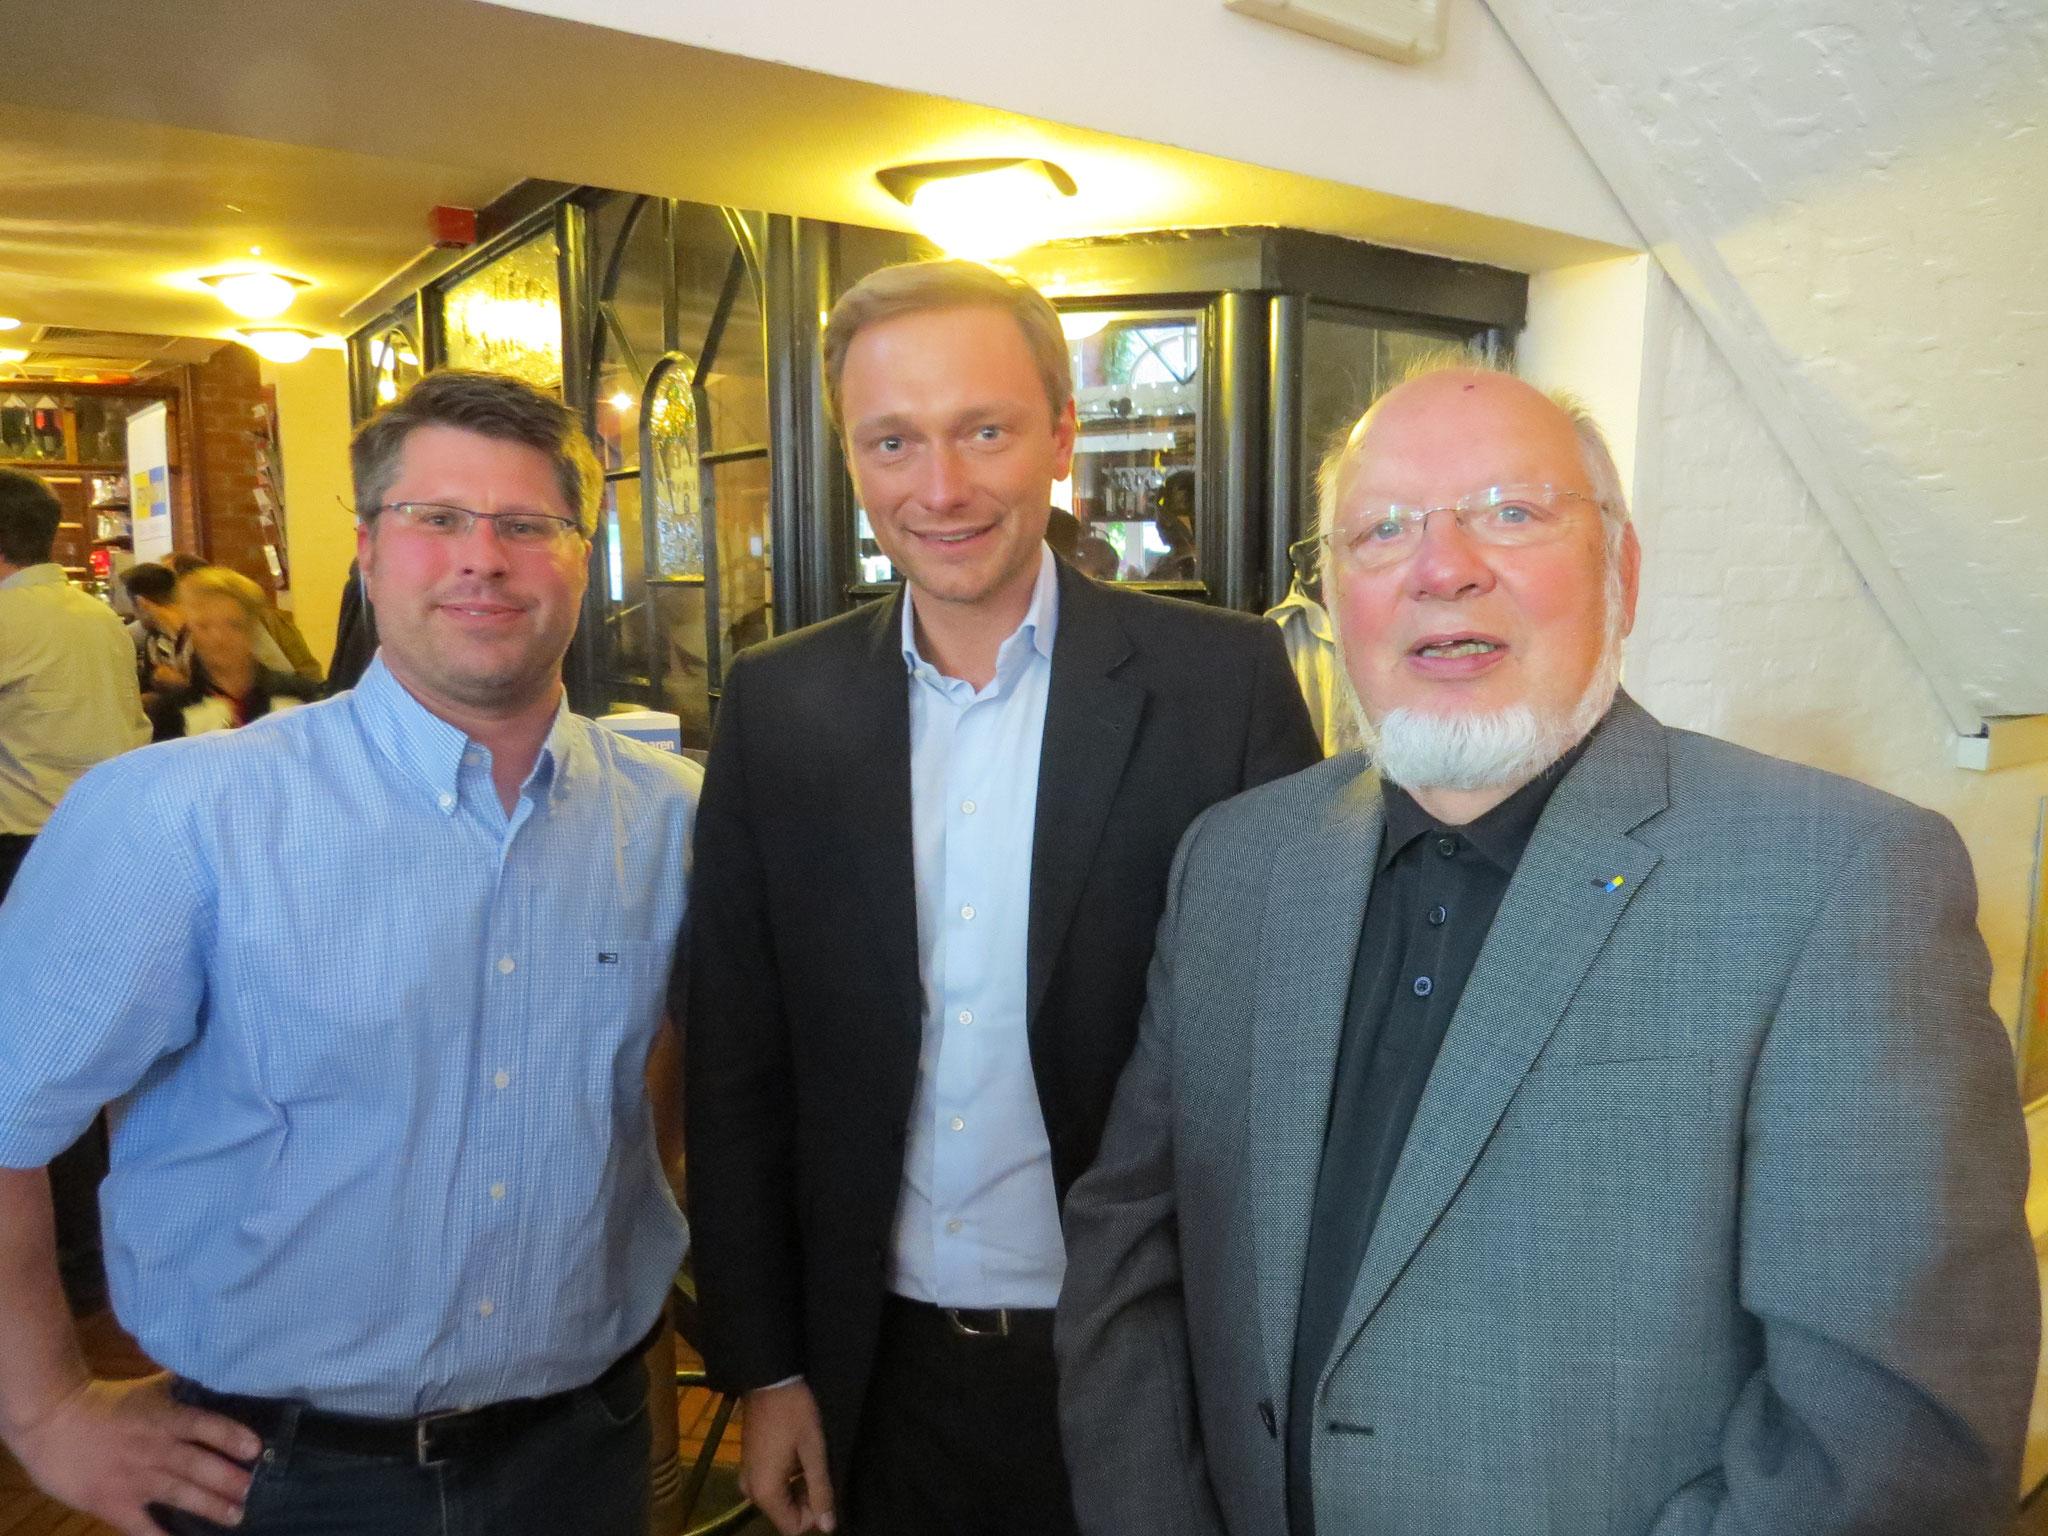 Wahlkampfveranstaltung 2014 in der Hausbrauerei Boente mit Christian Lindner